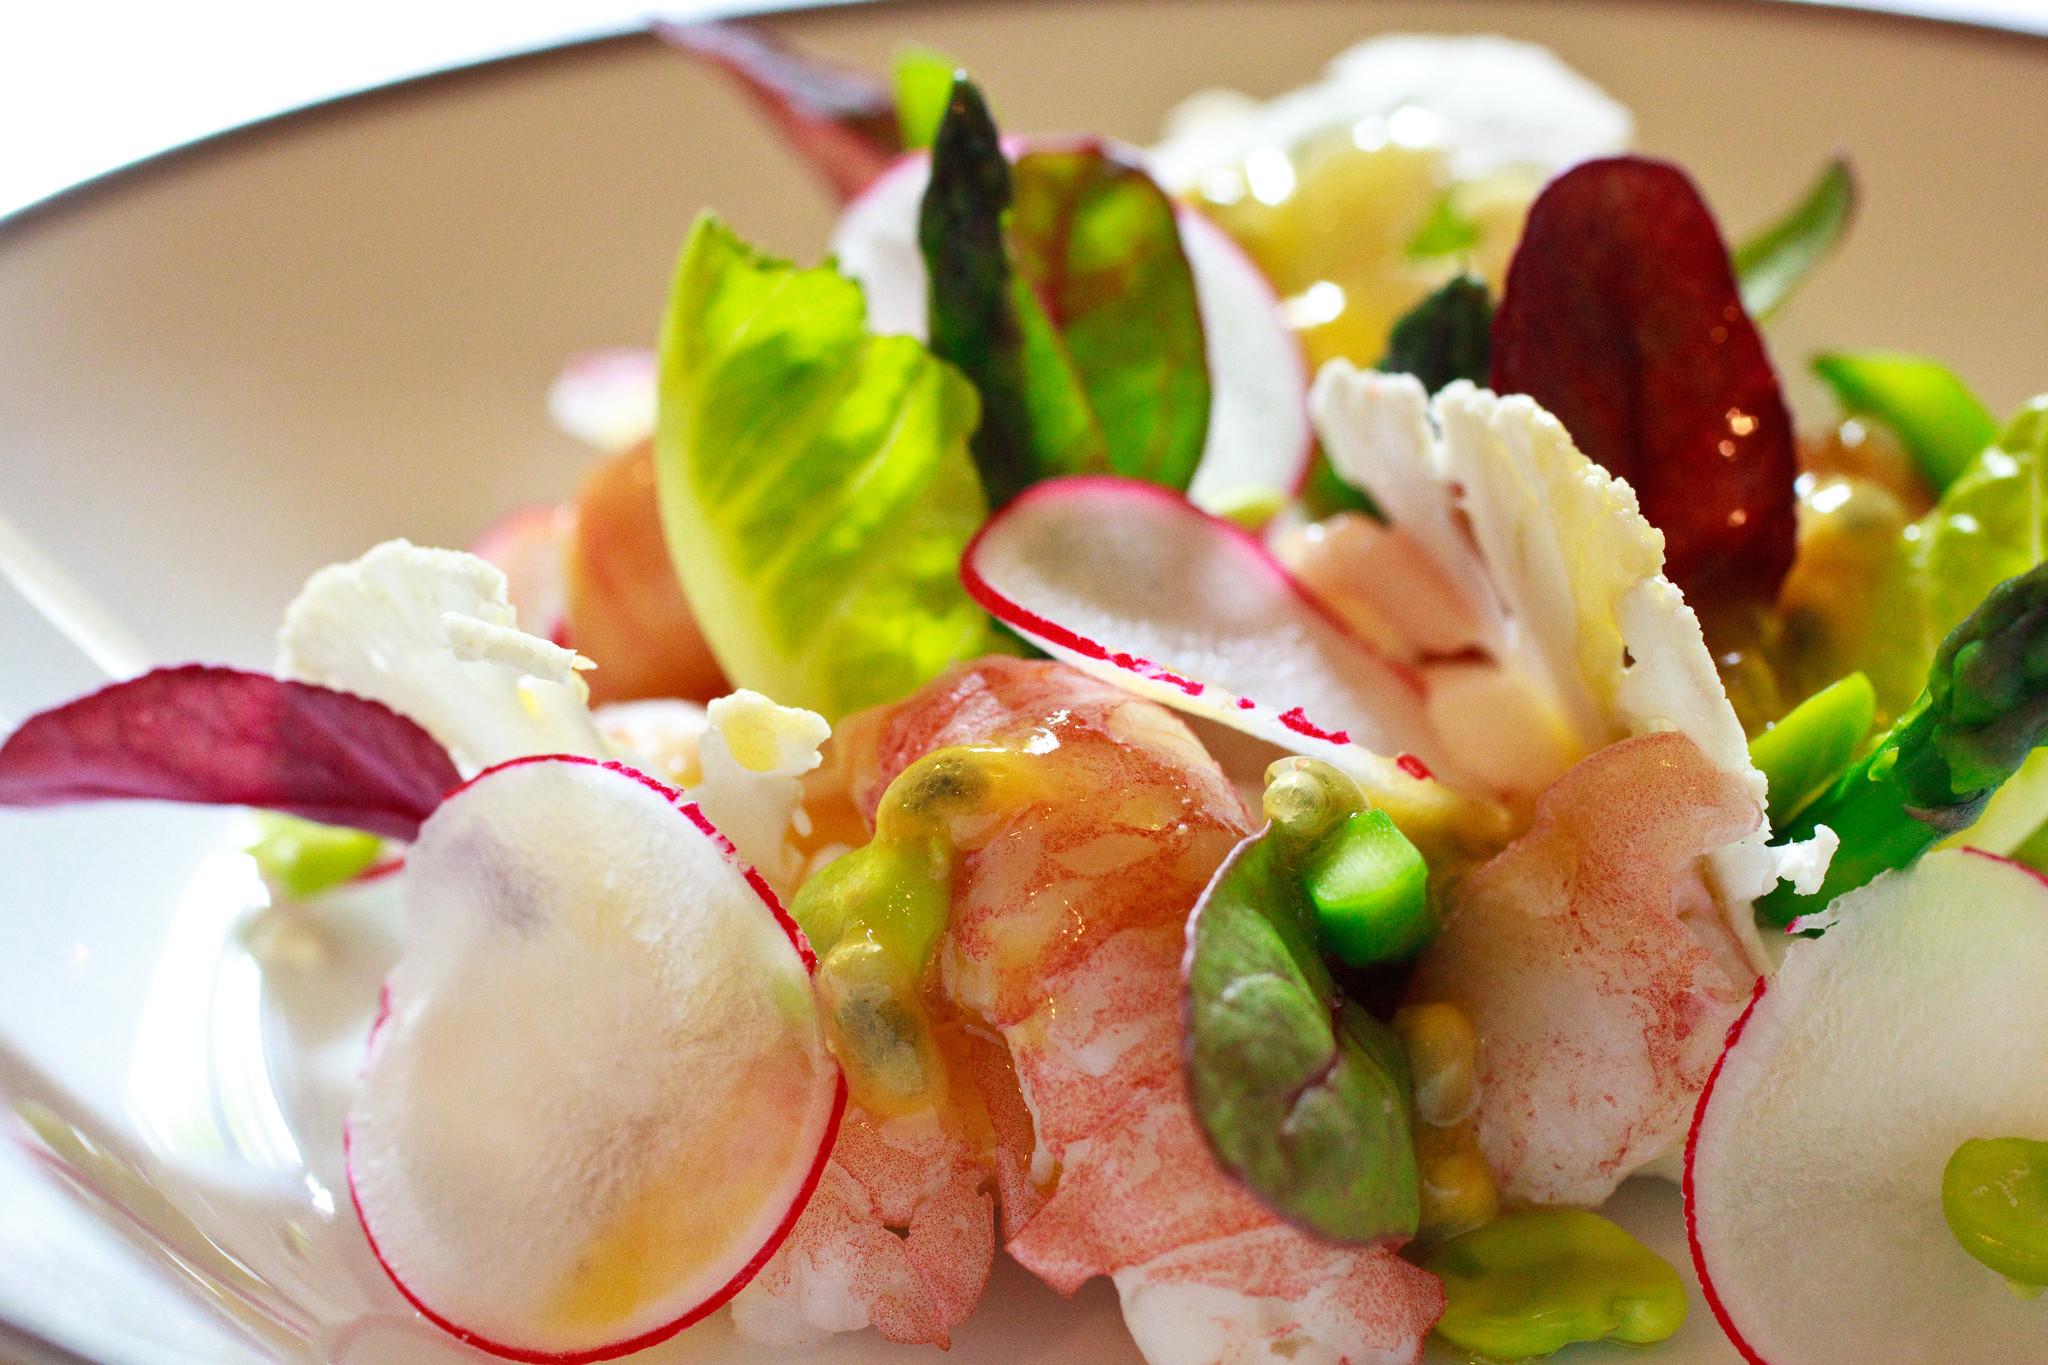 lAmbroisie-Salade-décrivisses-mousseline-de-chou-fleur-vinaigrette-aux-fruits-de-la-passion.jpg